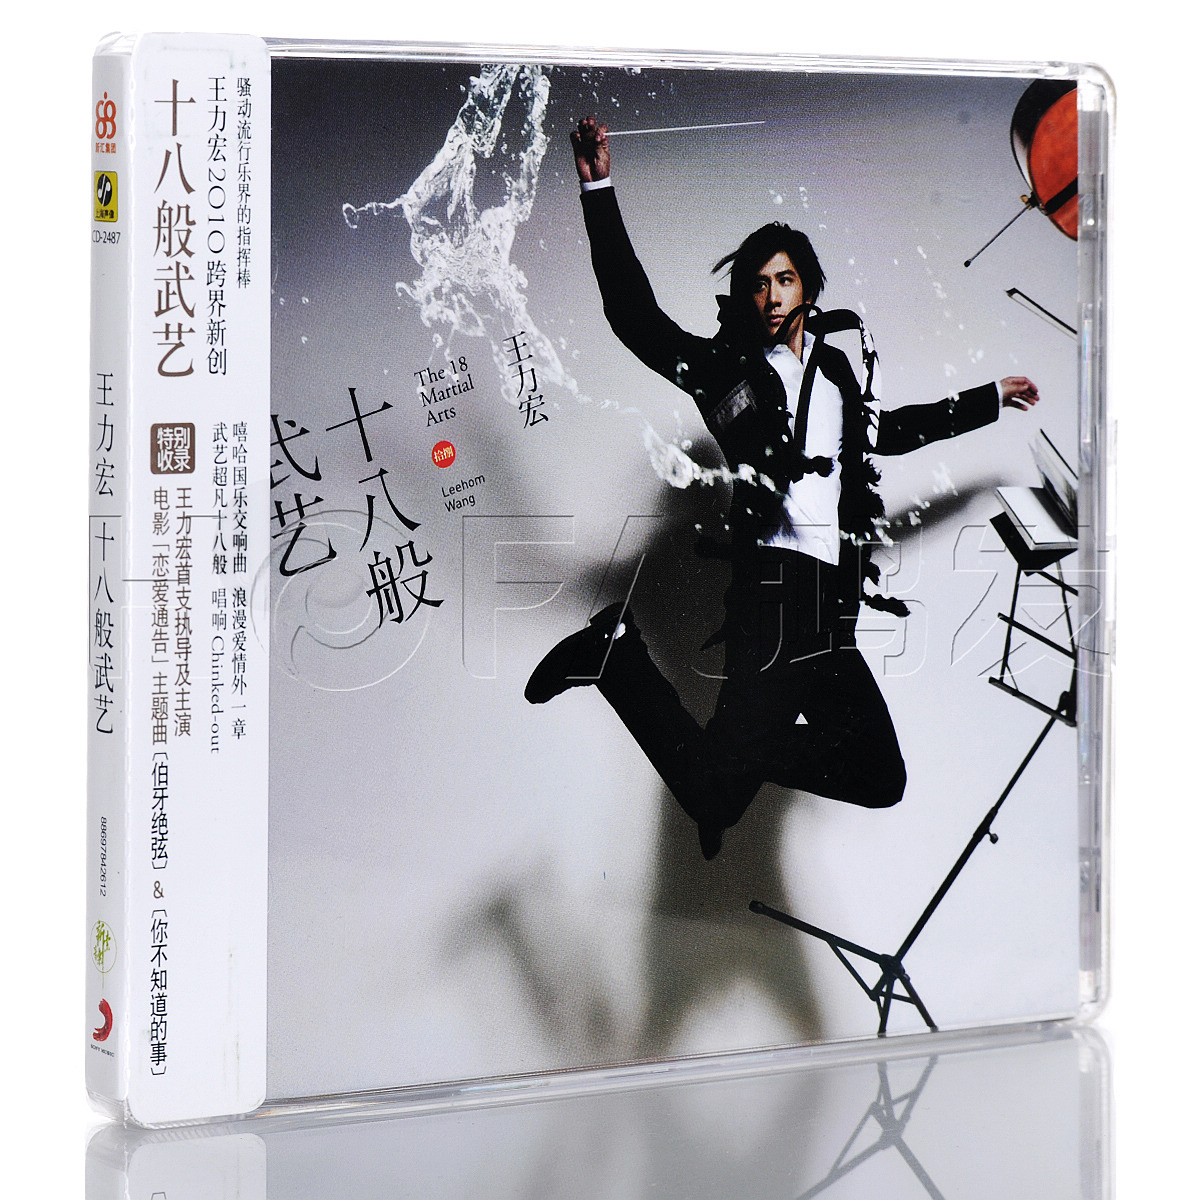 新索正版 2010年专辑 王力宏:十八般武艺 CD